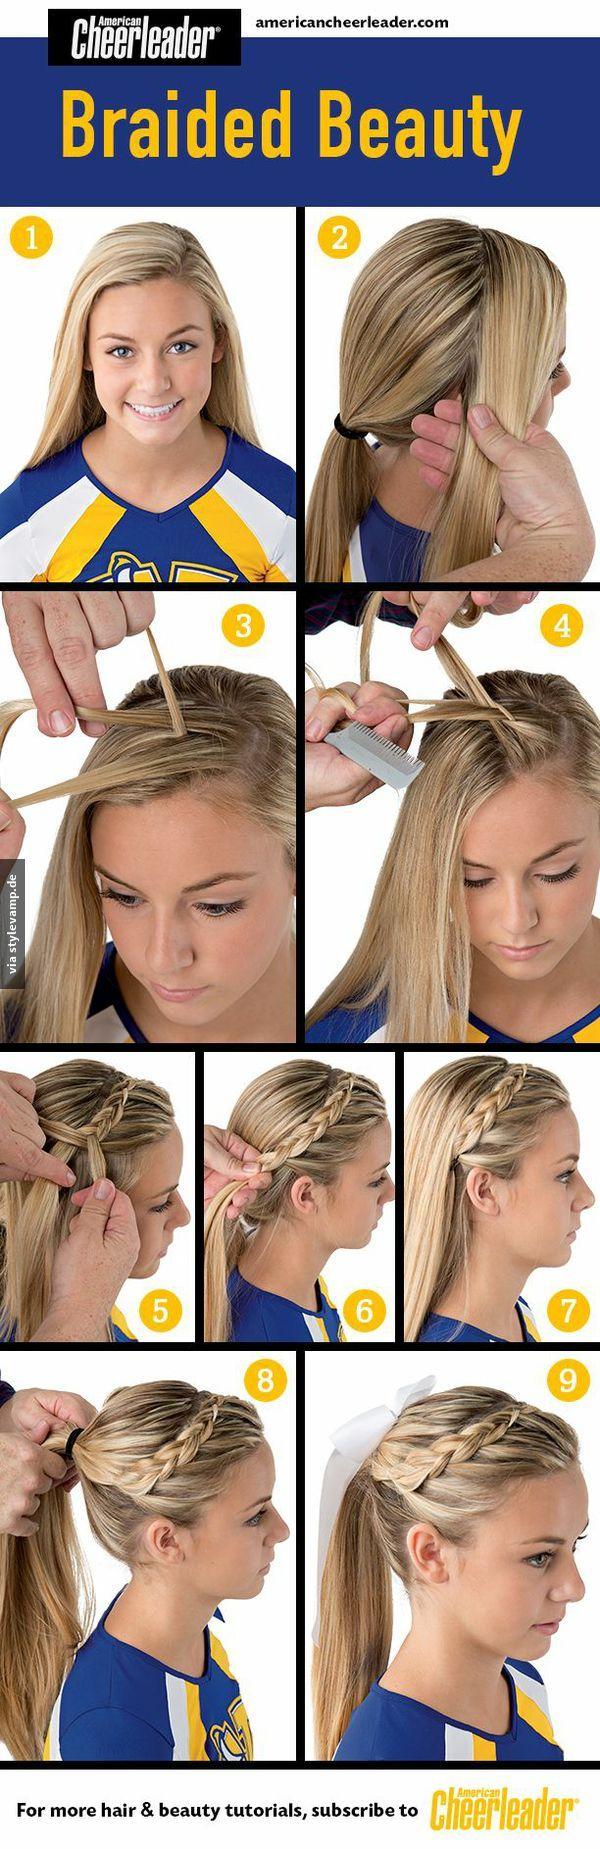 Zur schönheit geflochten hair pinterest hair style cheer and